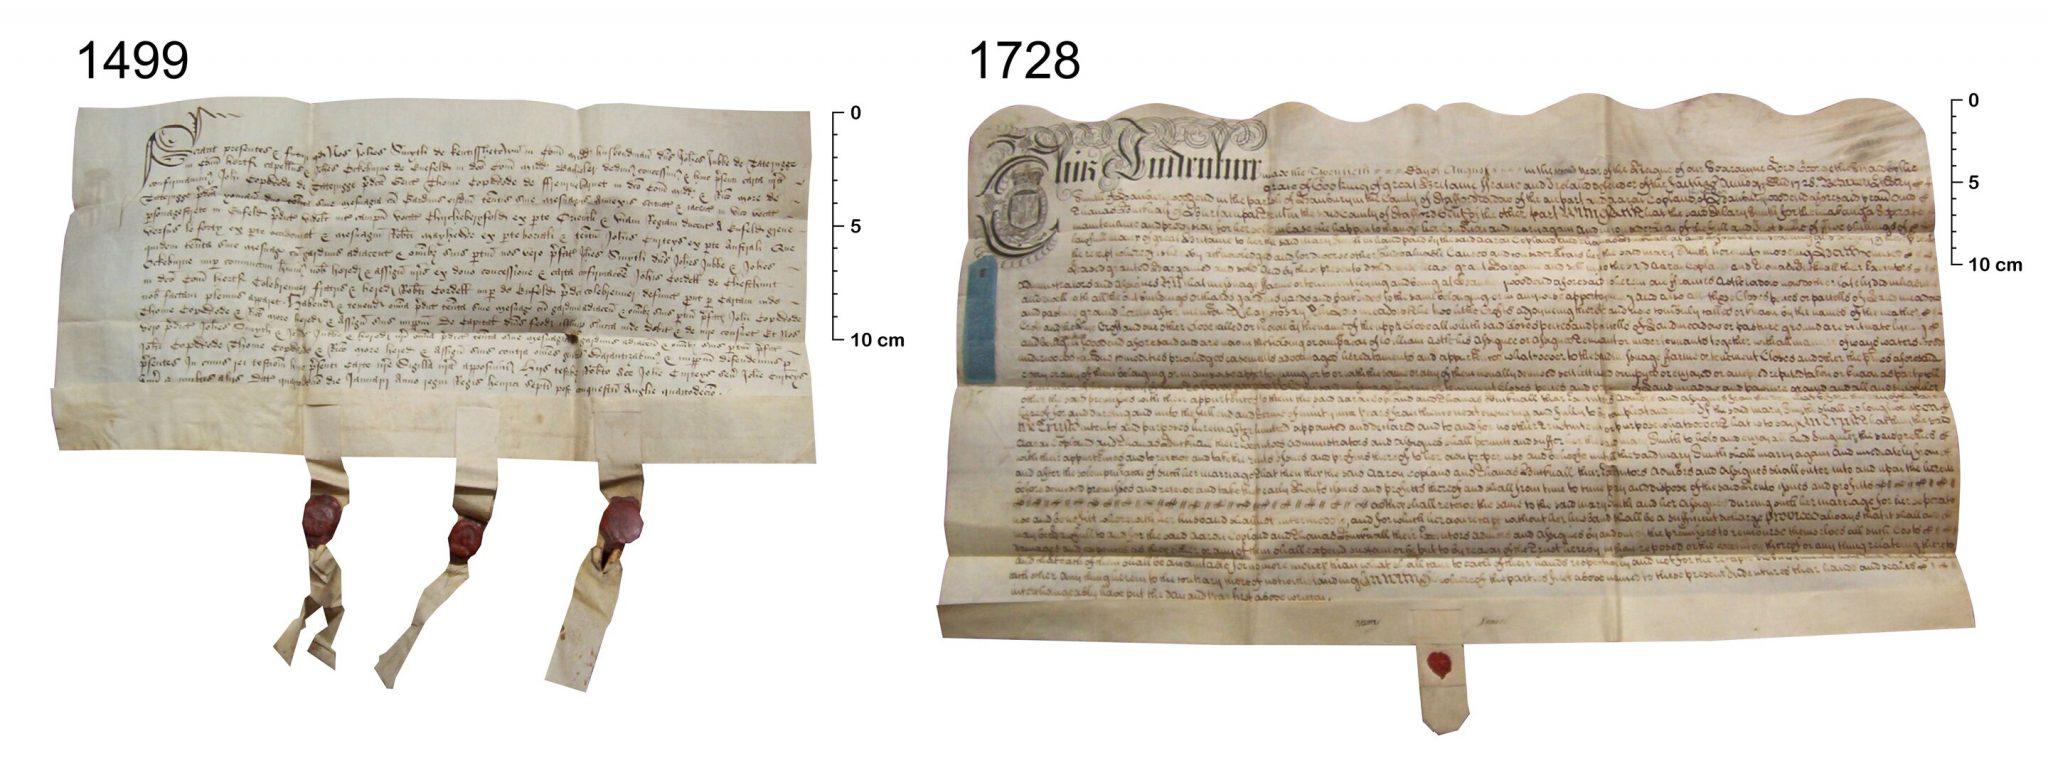 Как в Средневековье боролись с поддельными документами с помощью бумаги из овечьих шкур Культура